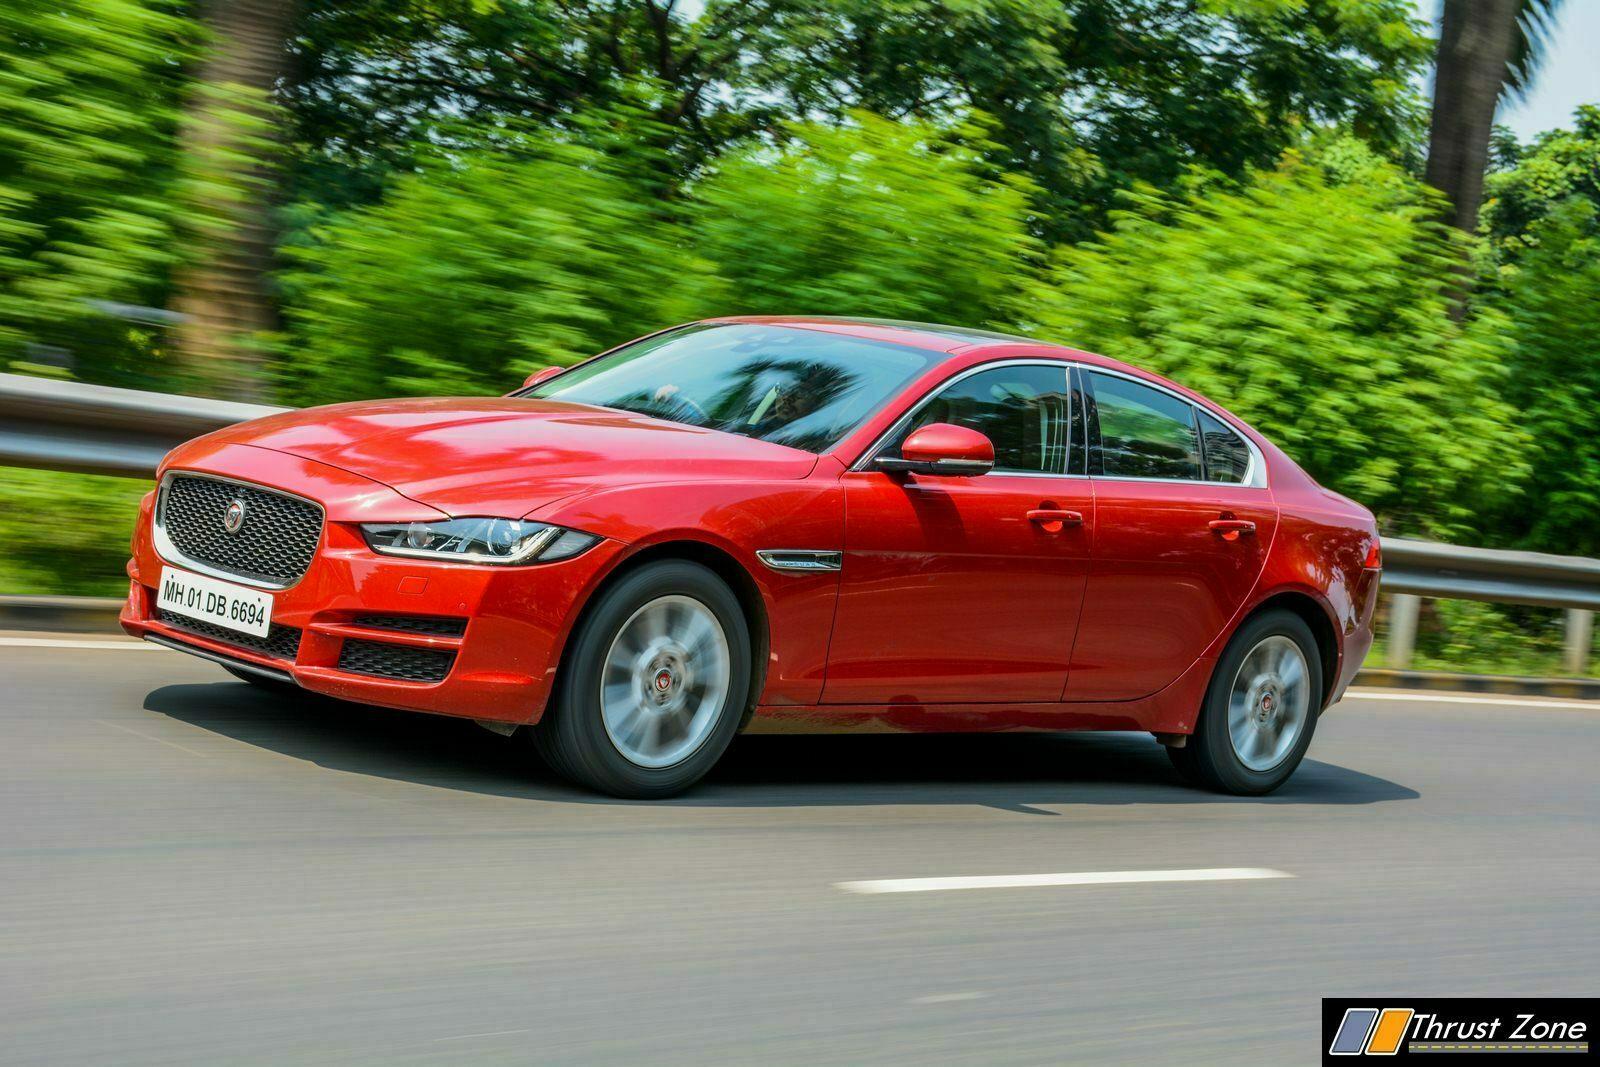 2018-Jaguar-XE-Review-Diesel-Ingenium-1